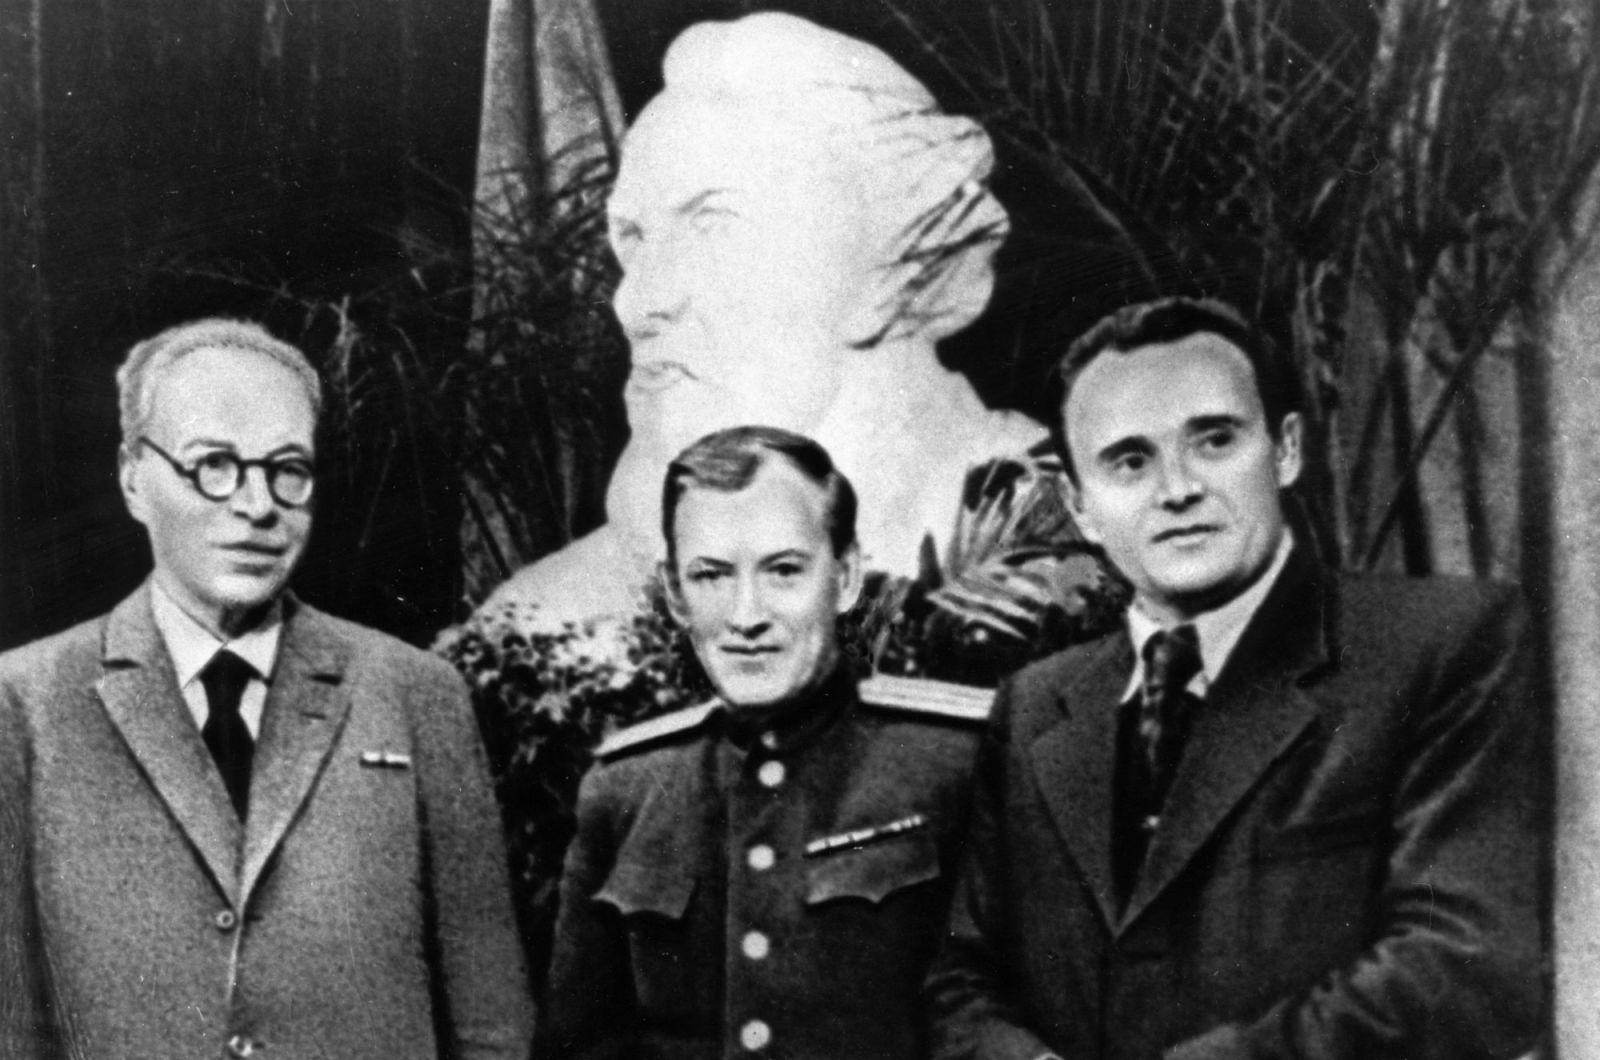 Mikhail Tikhonravov (no centro) e Sergei Korolev (à direita) durante a comemoração dos 90 anos de Konstantin Tsiolkovsky, 1947. O Sputnik seria lançado quase exatamente 10 anos após a foto ser tirada.